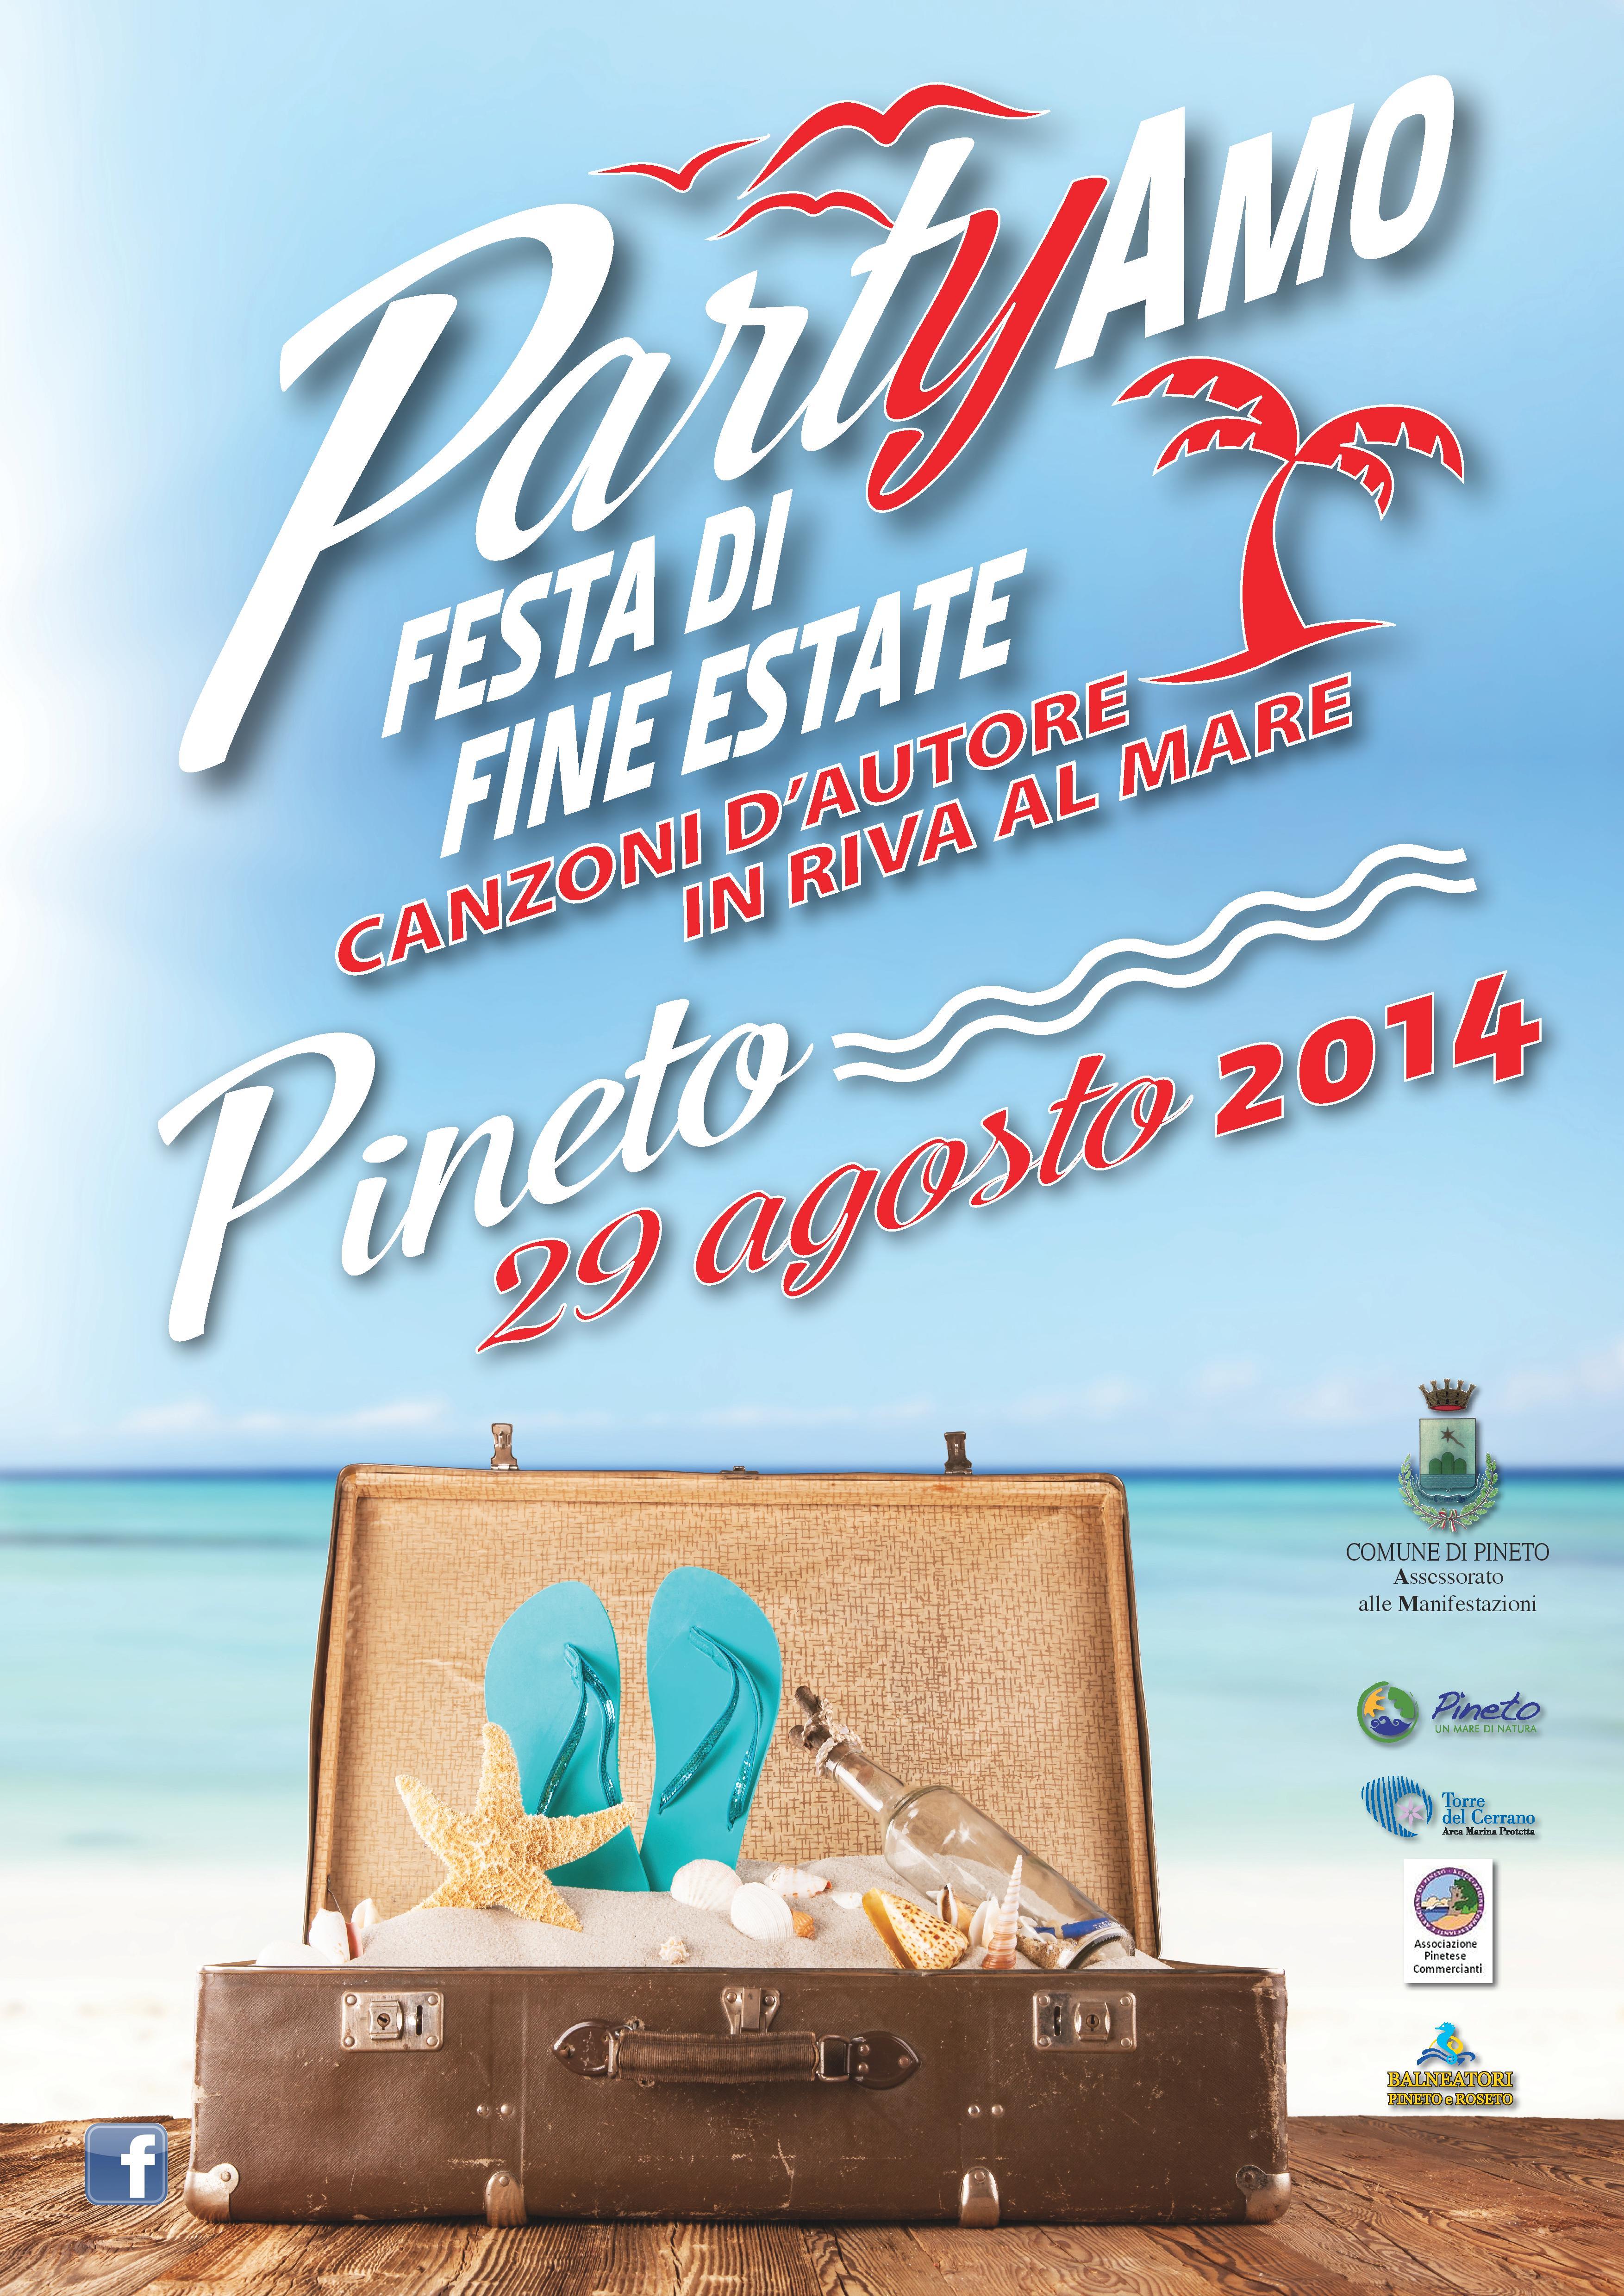 PARTYAMO - CANZONI D'AUTORE IN RIVA AL MARE